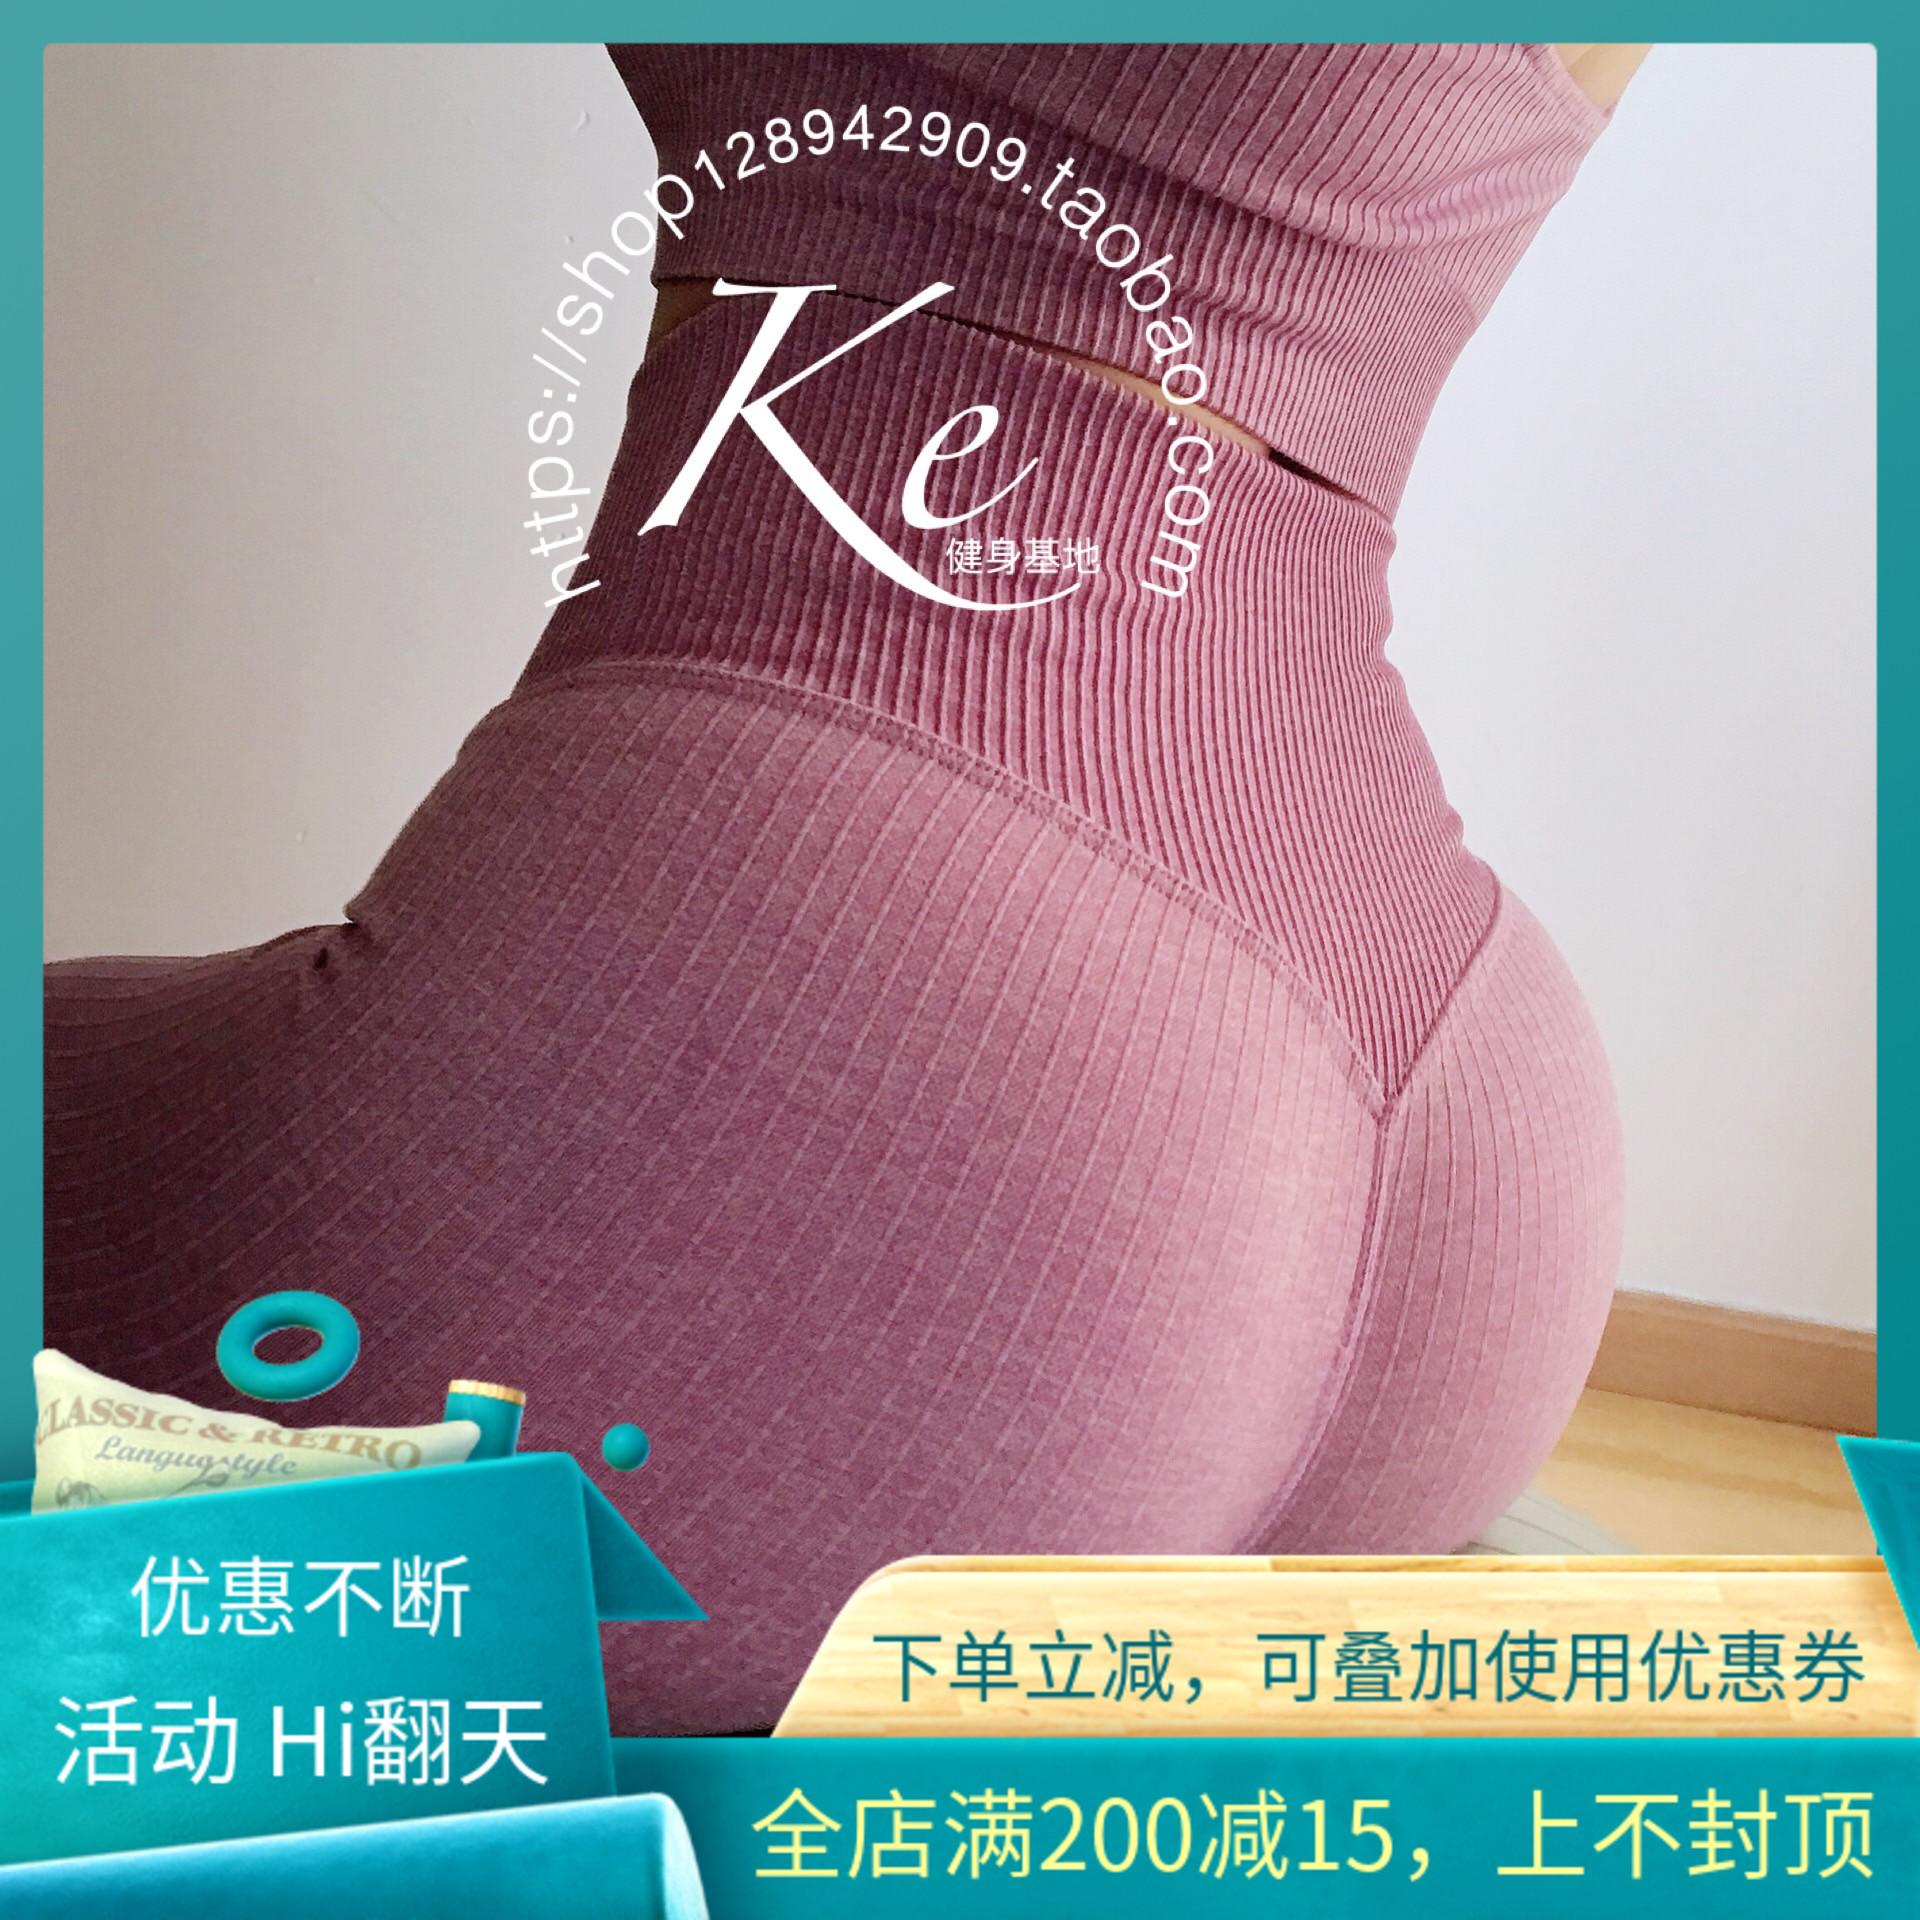 KE紫色无缝针织超显臀欧美健身裤女高腰弹力收腹卡其色健身套装潮满39元可用5元优惠券